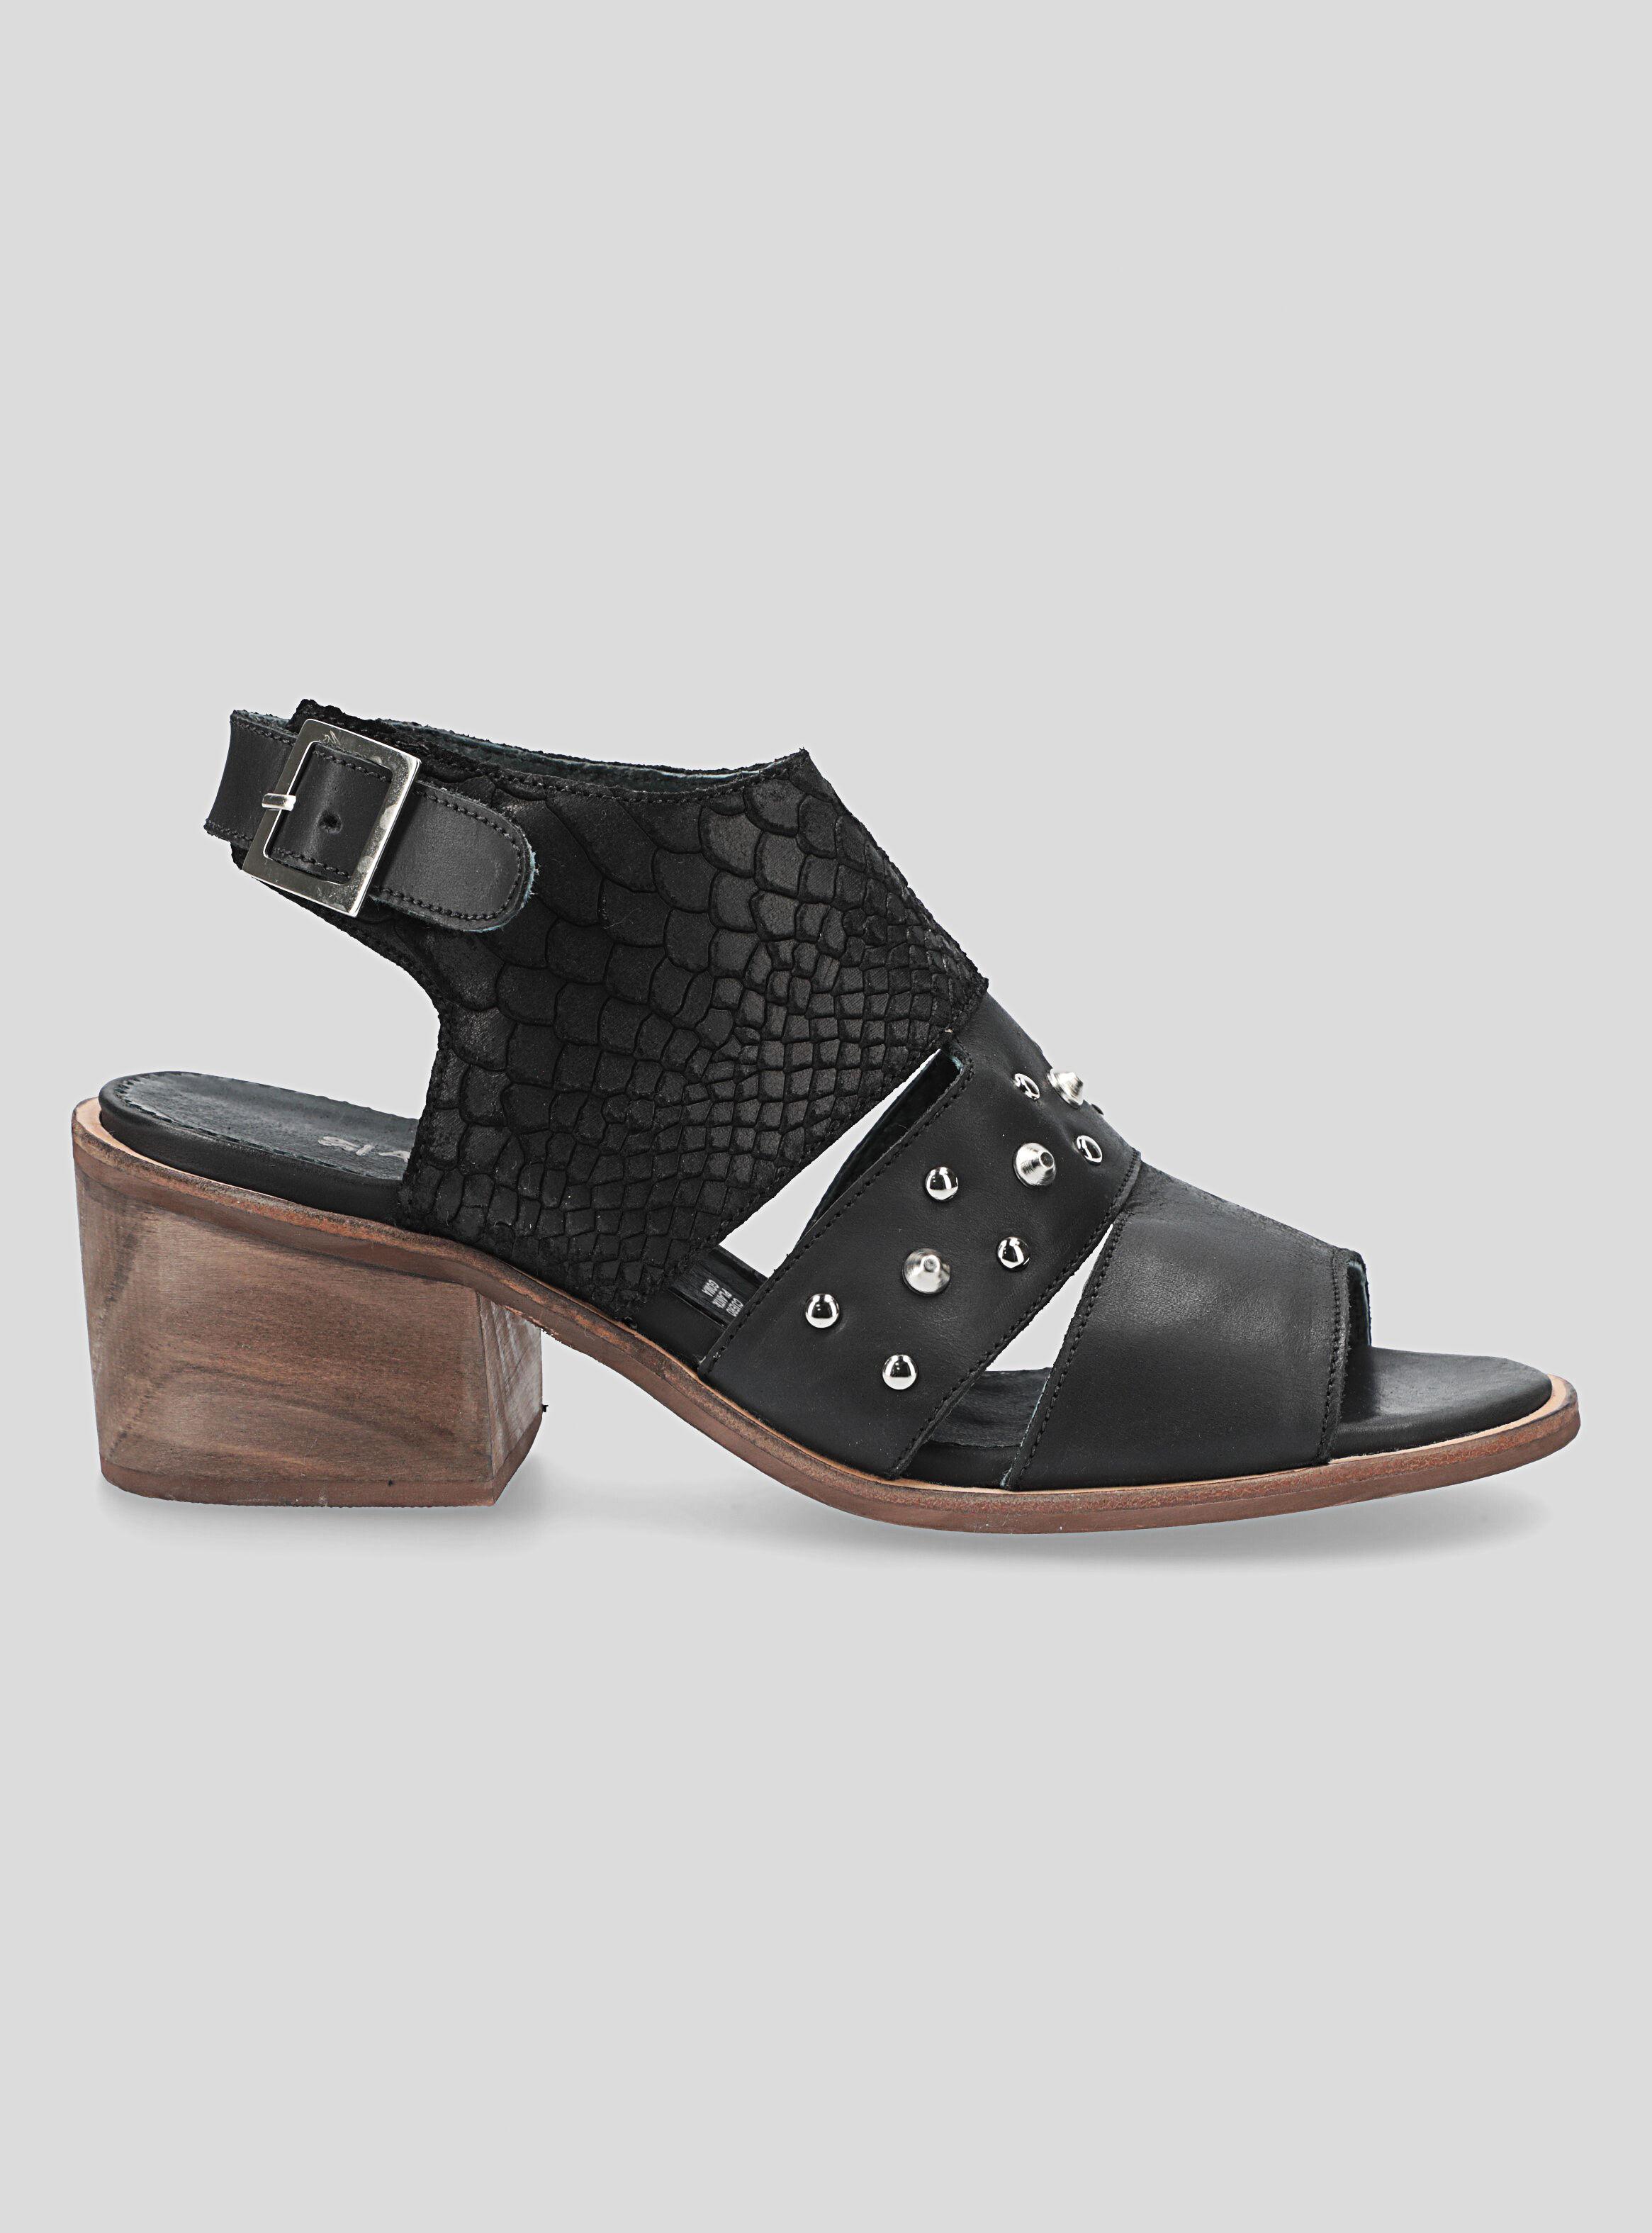 Clarks Zapatos Originales Hombre Tejedora De Gamuza Blanca